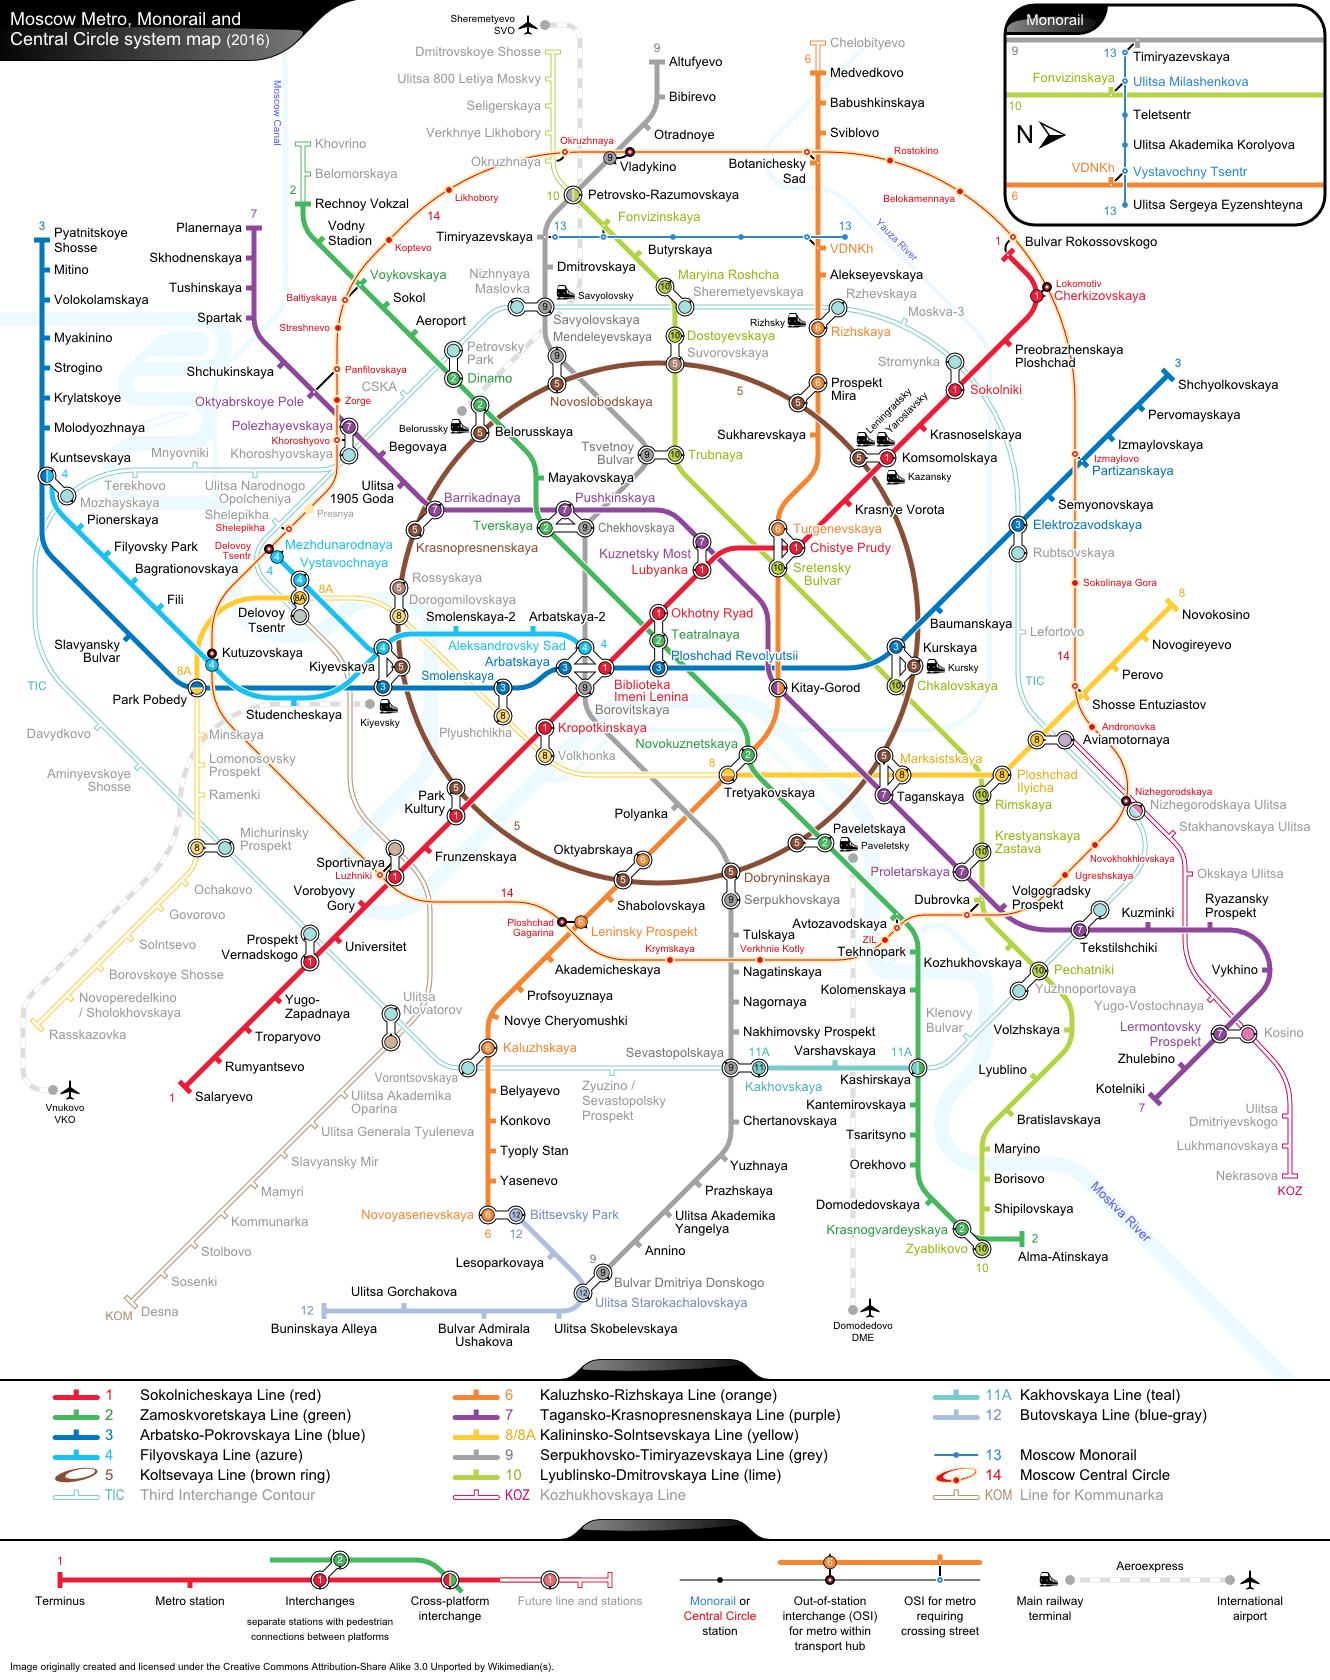 So wird das Metro-Netz in Moskau 2020 vermutlich aussehen,